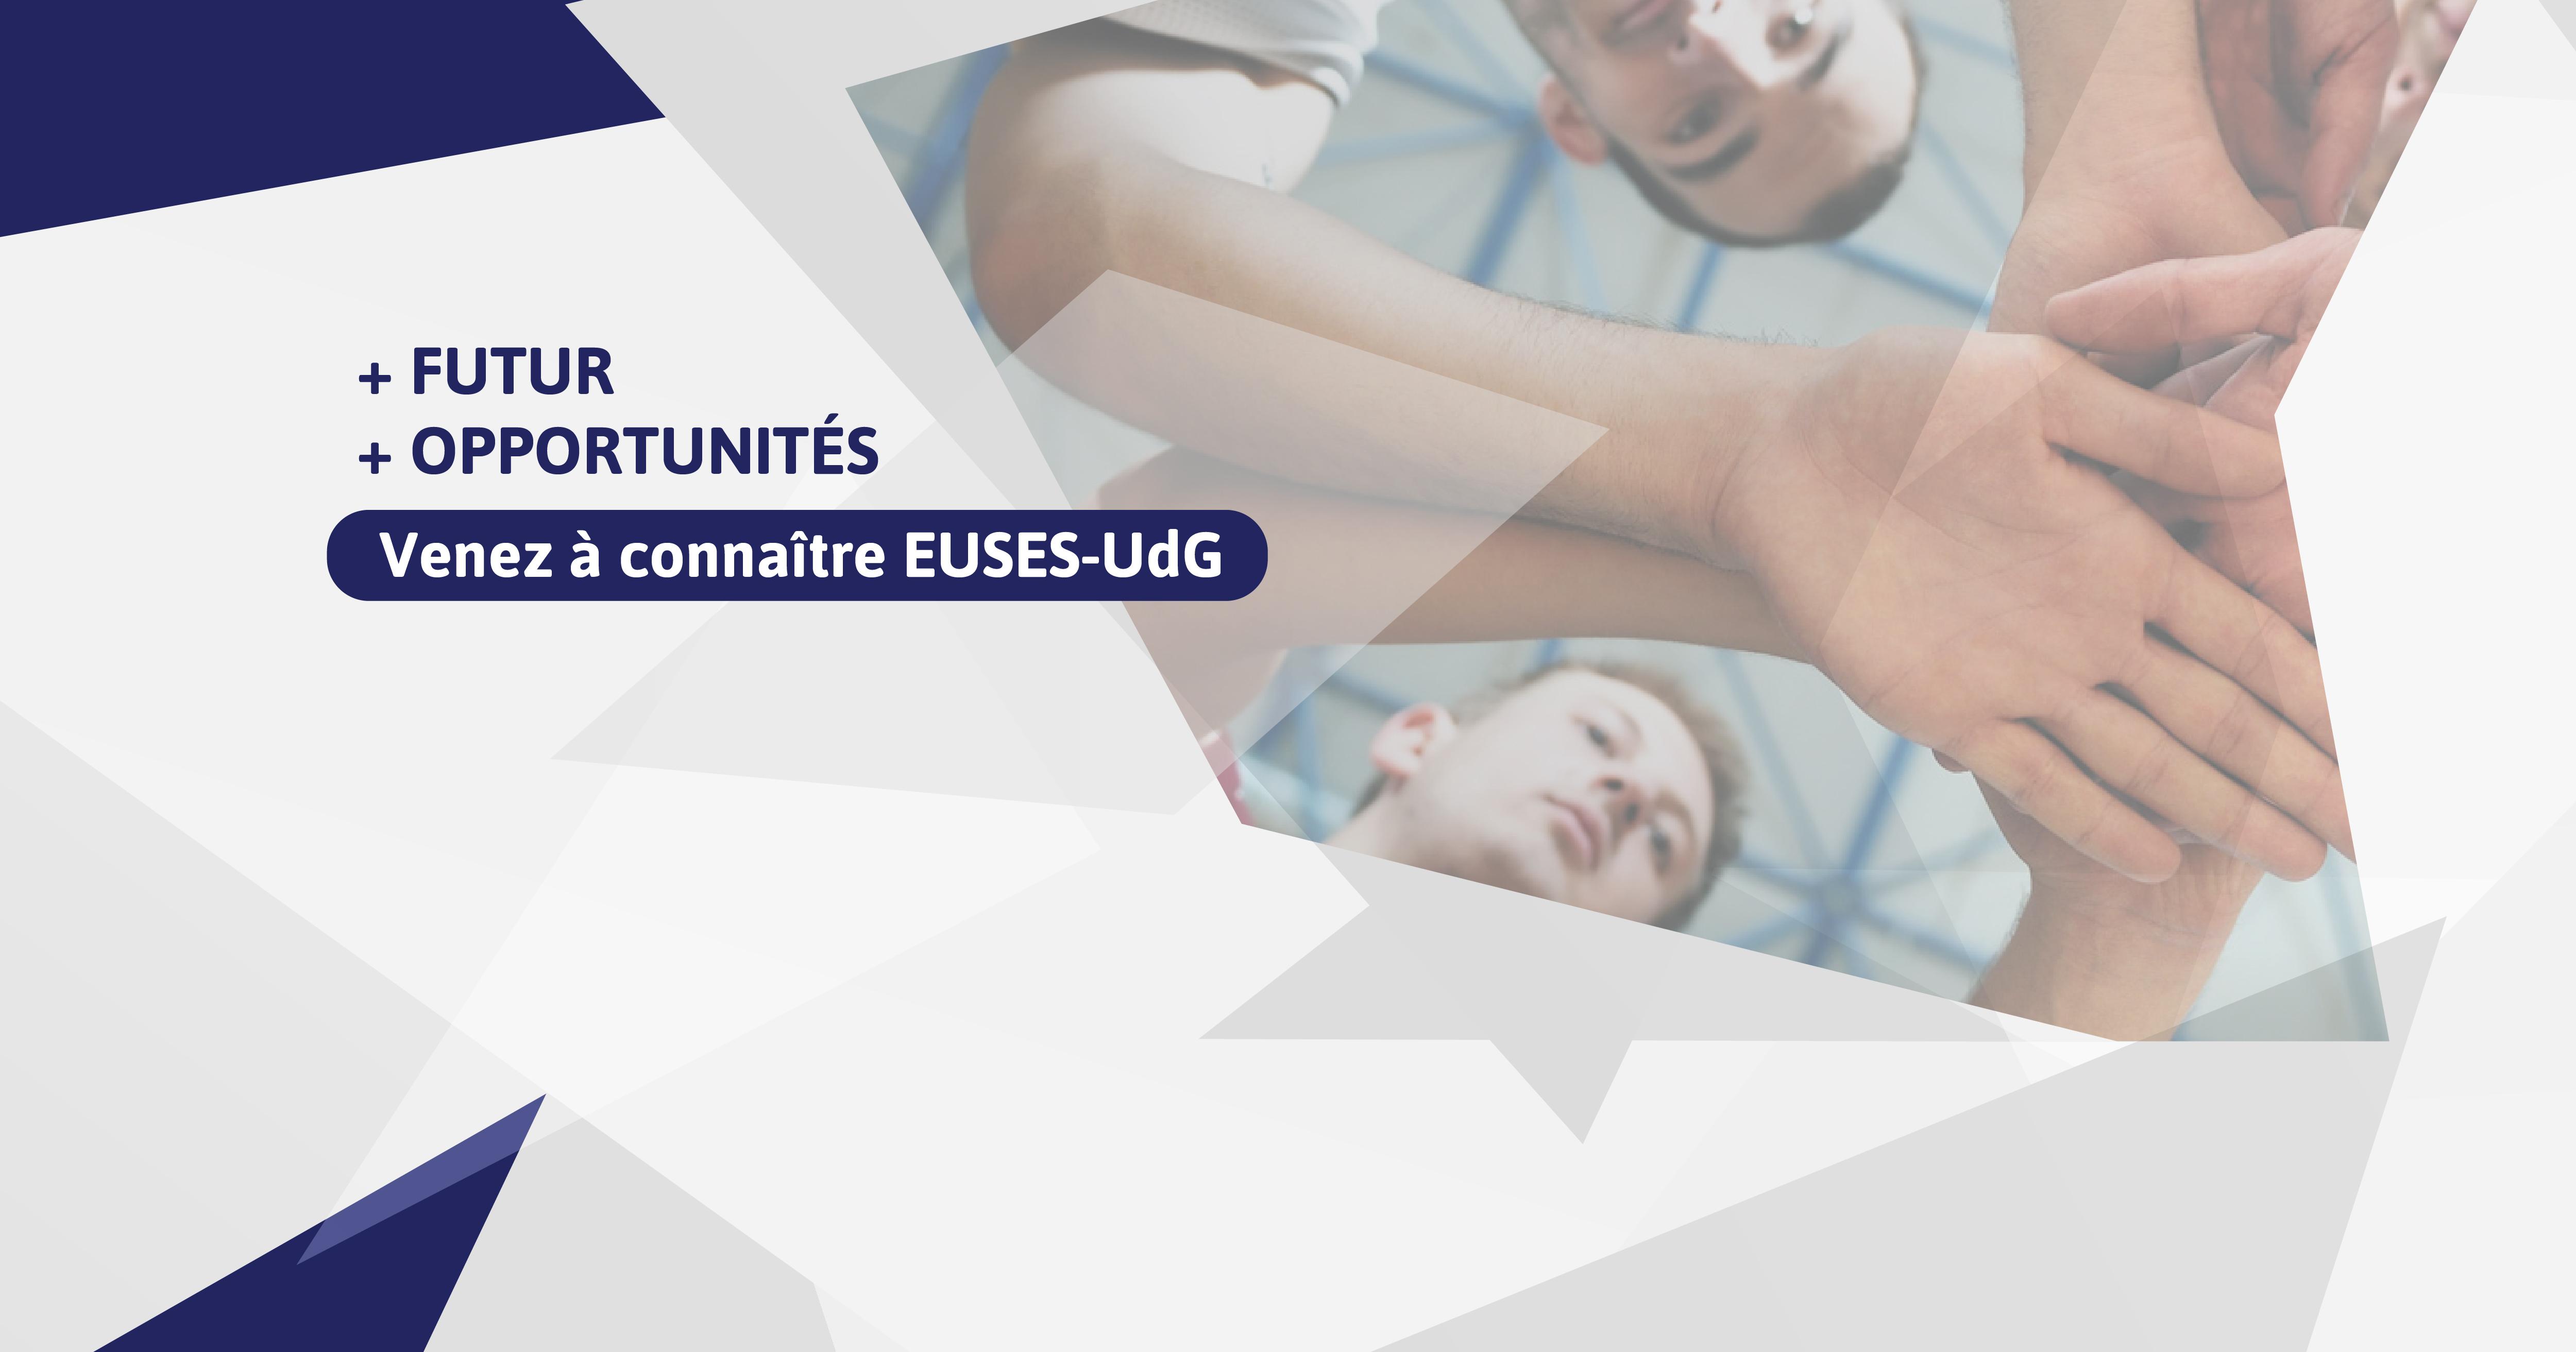 Samedi 18 février : journées des Portes Ouvertes de l'EUSES-UdG, l'Université de la Santé et du Sport